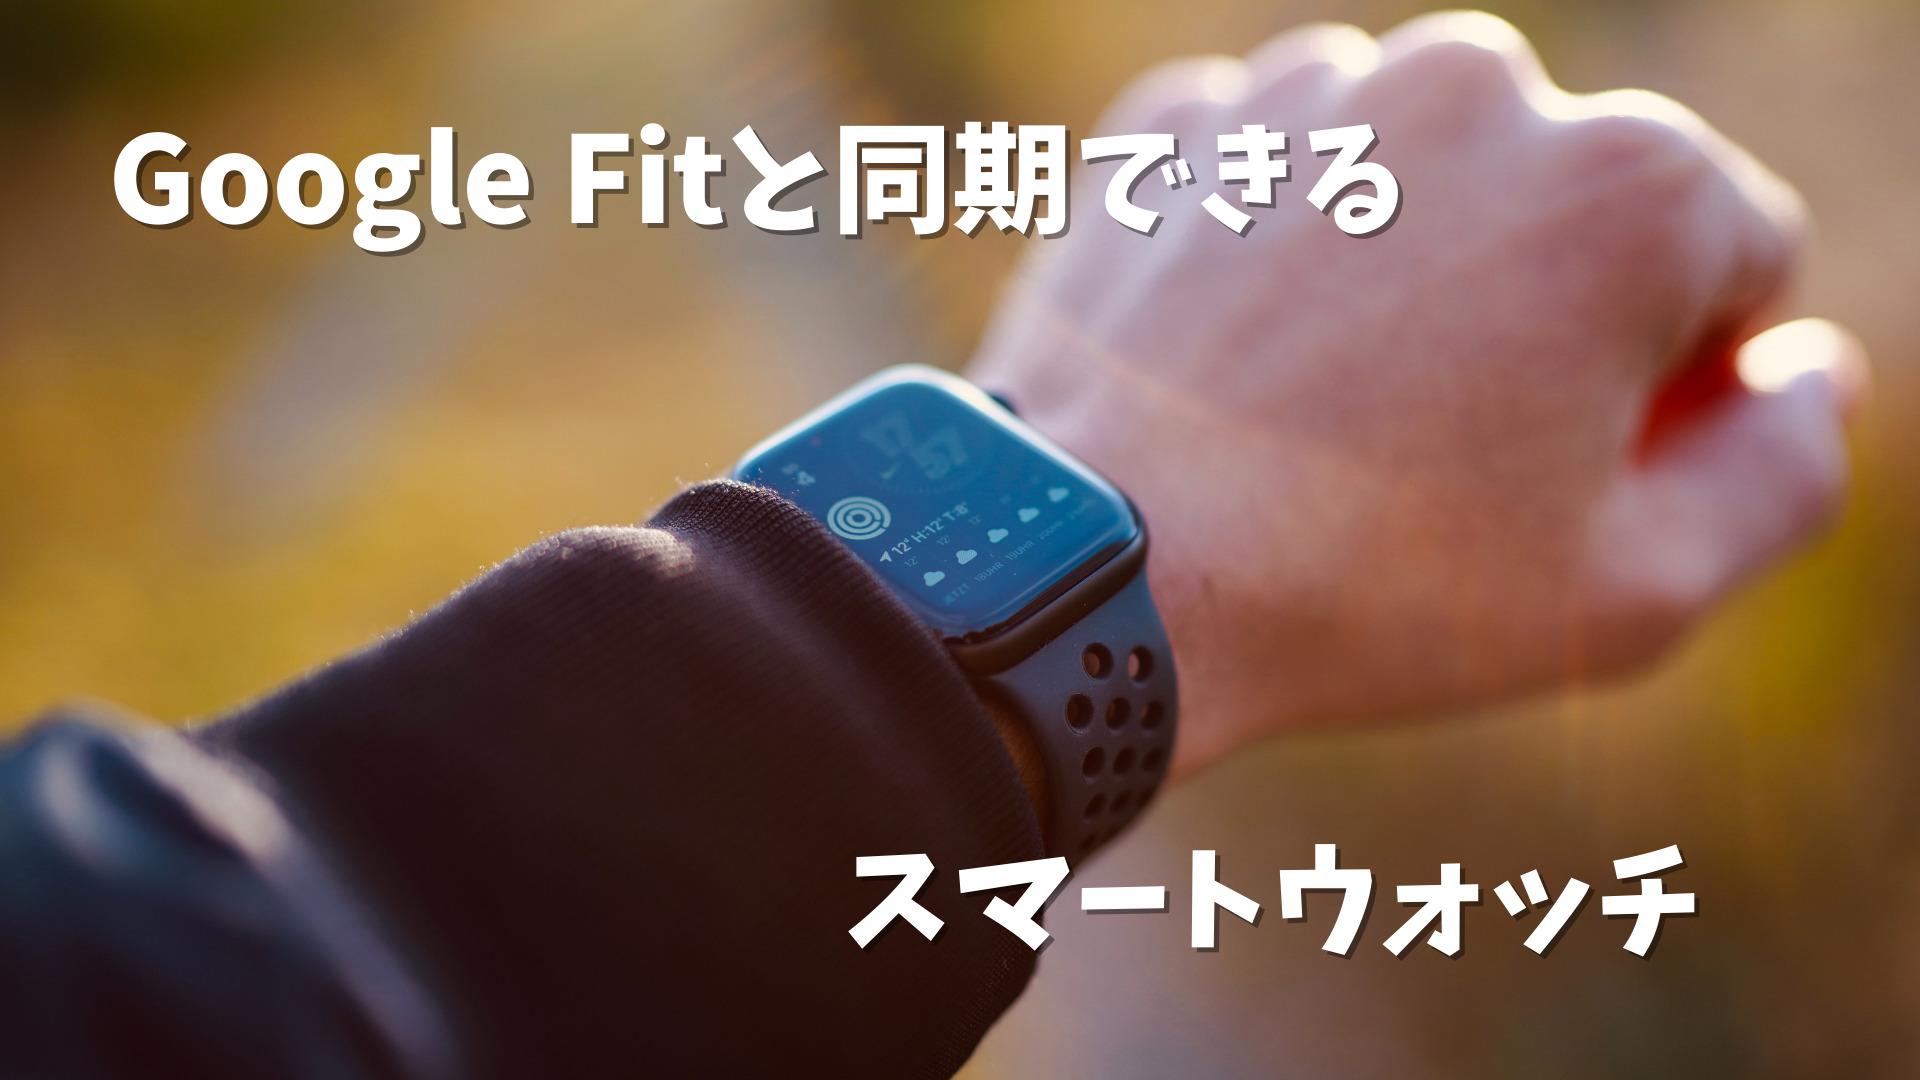 Google Fitと同期できるスマートウォッチ